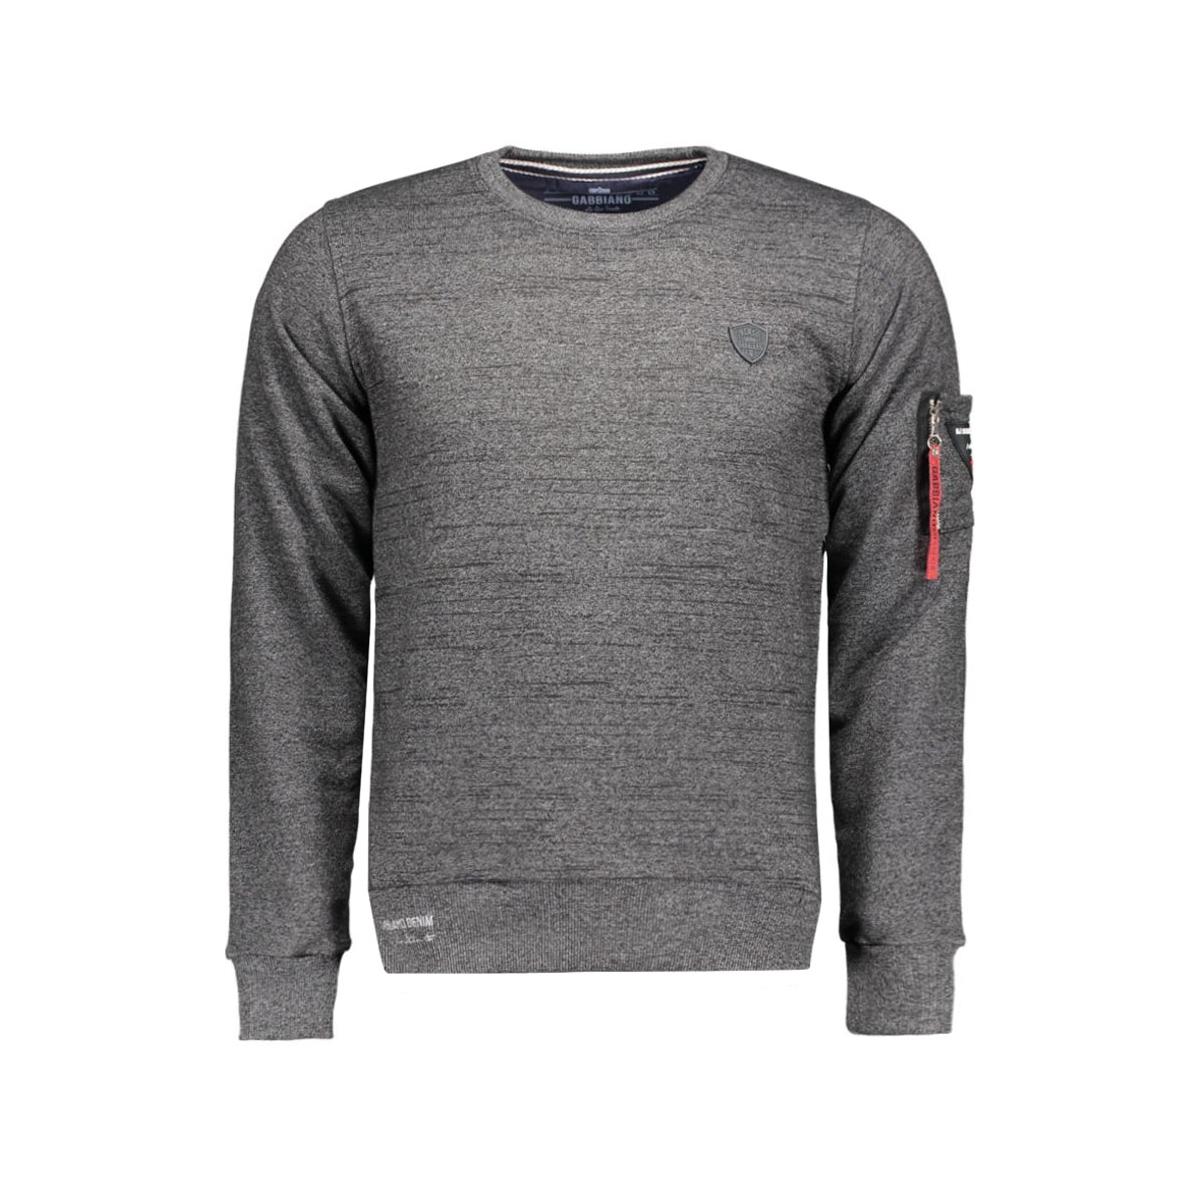 5513 gabbiano sweater zwart